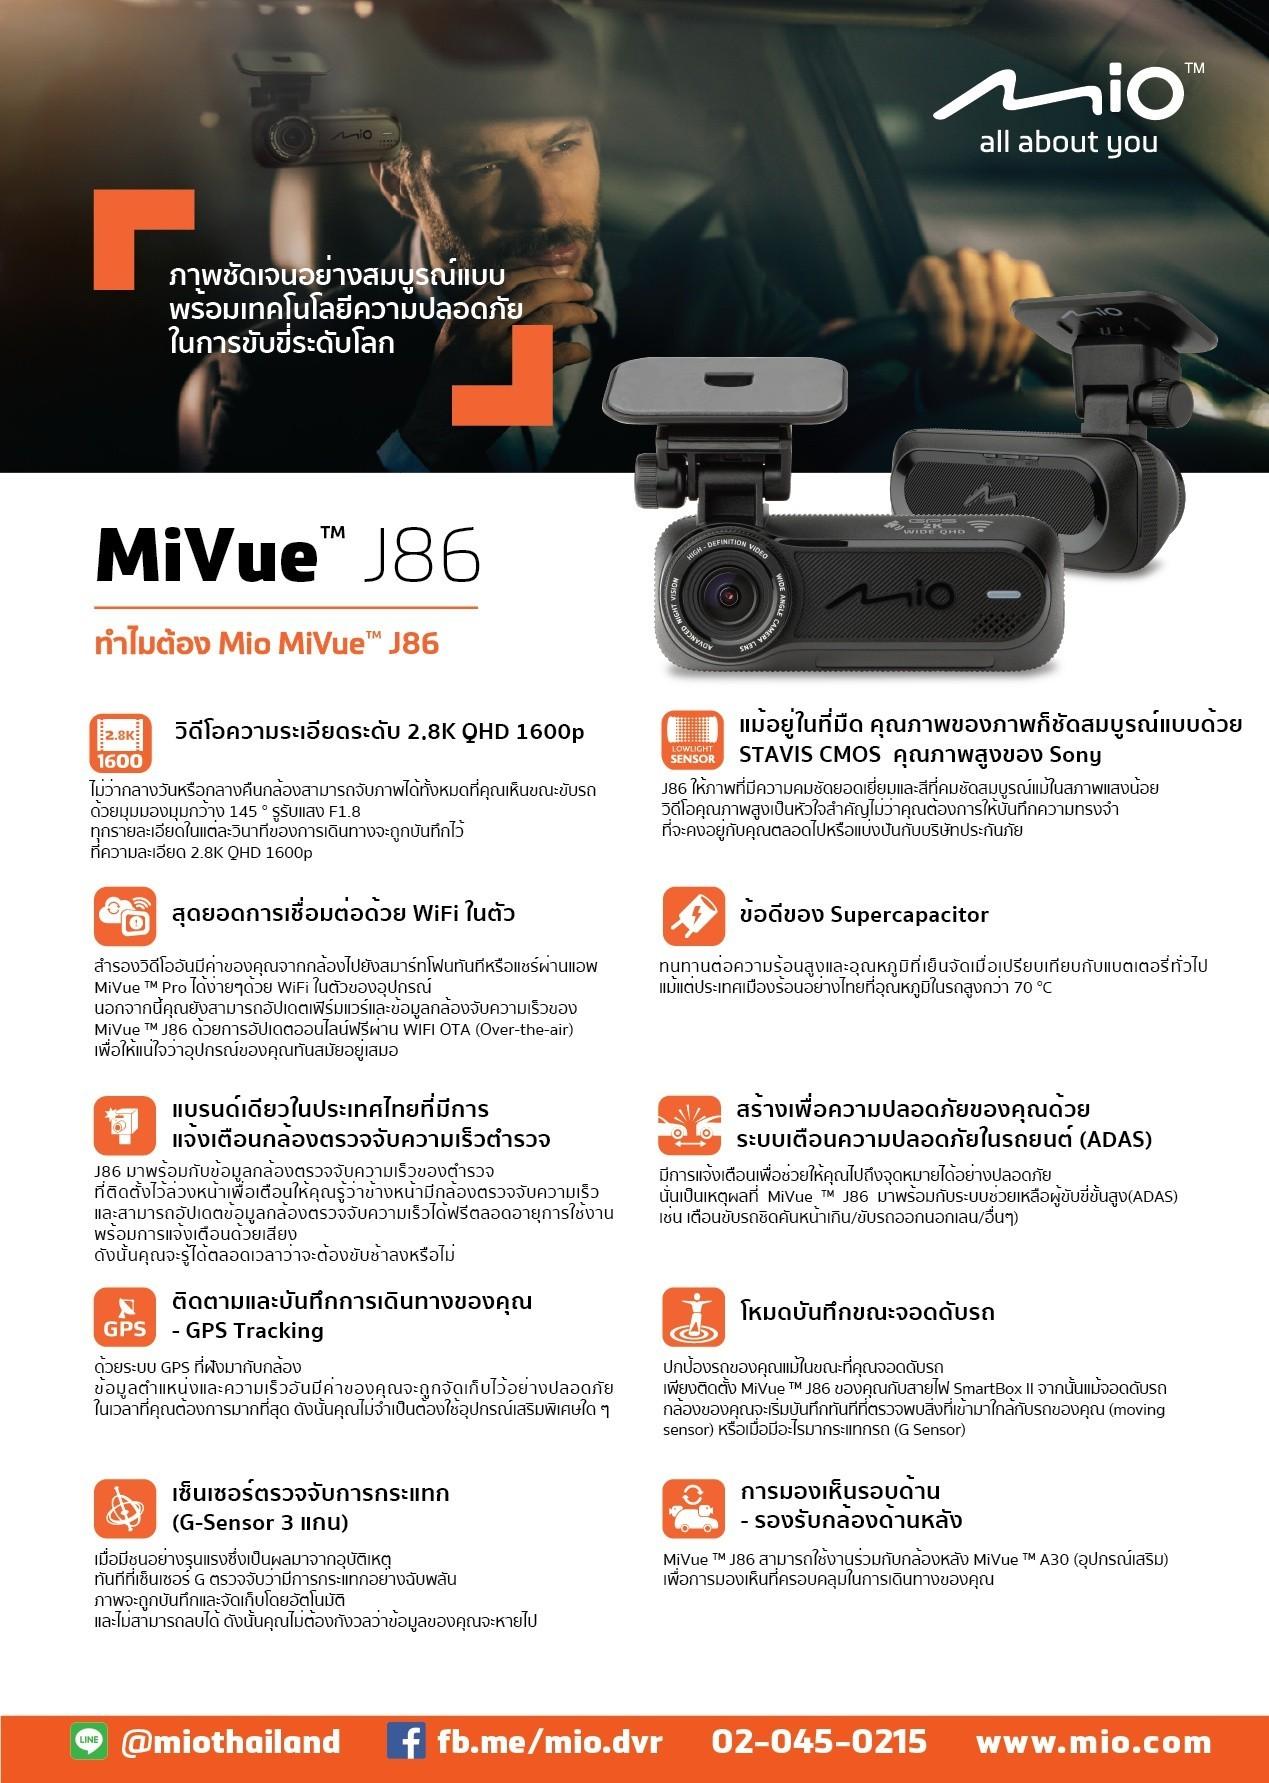 กล้องติดรถยนต์ Mio MiVue J86